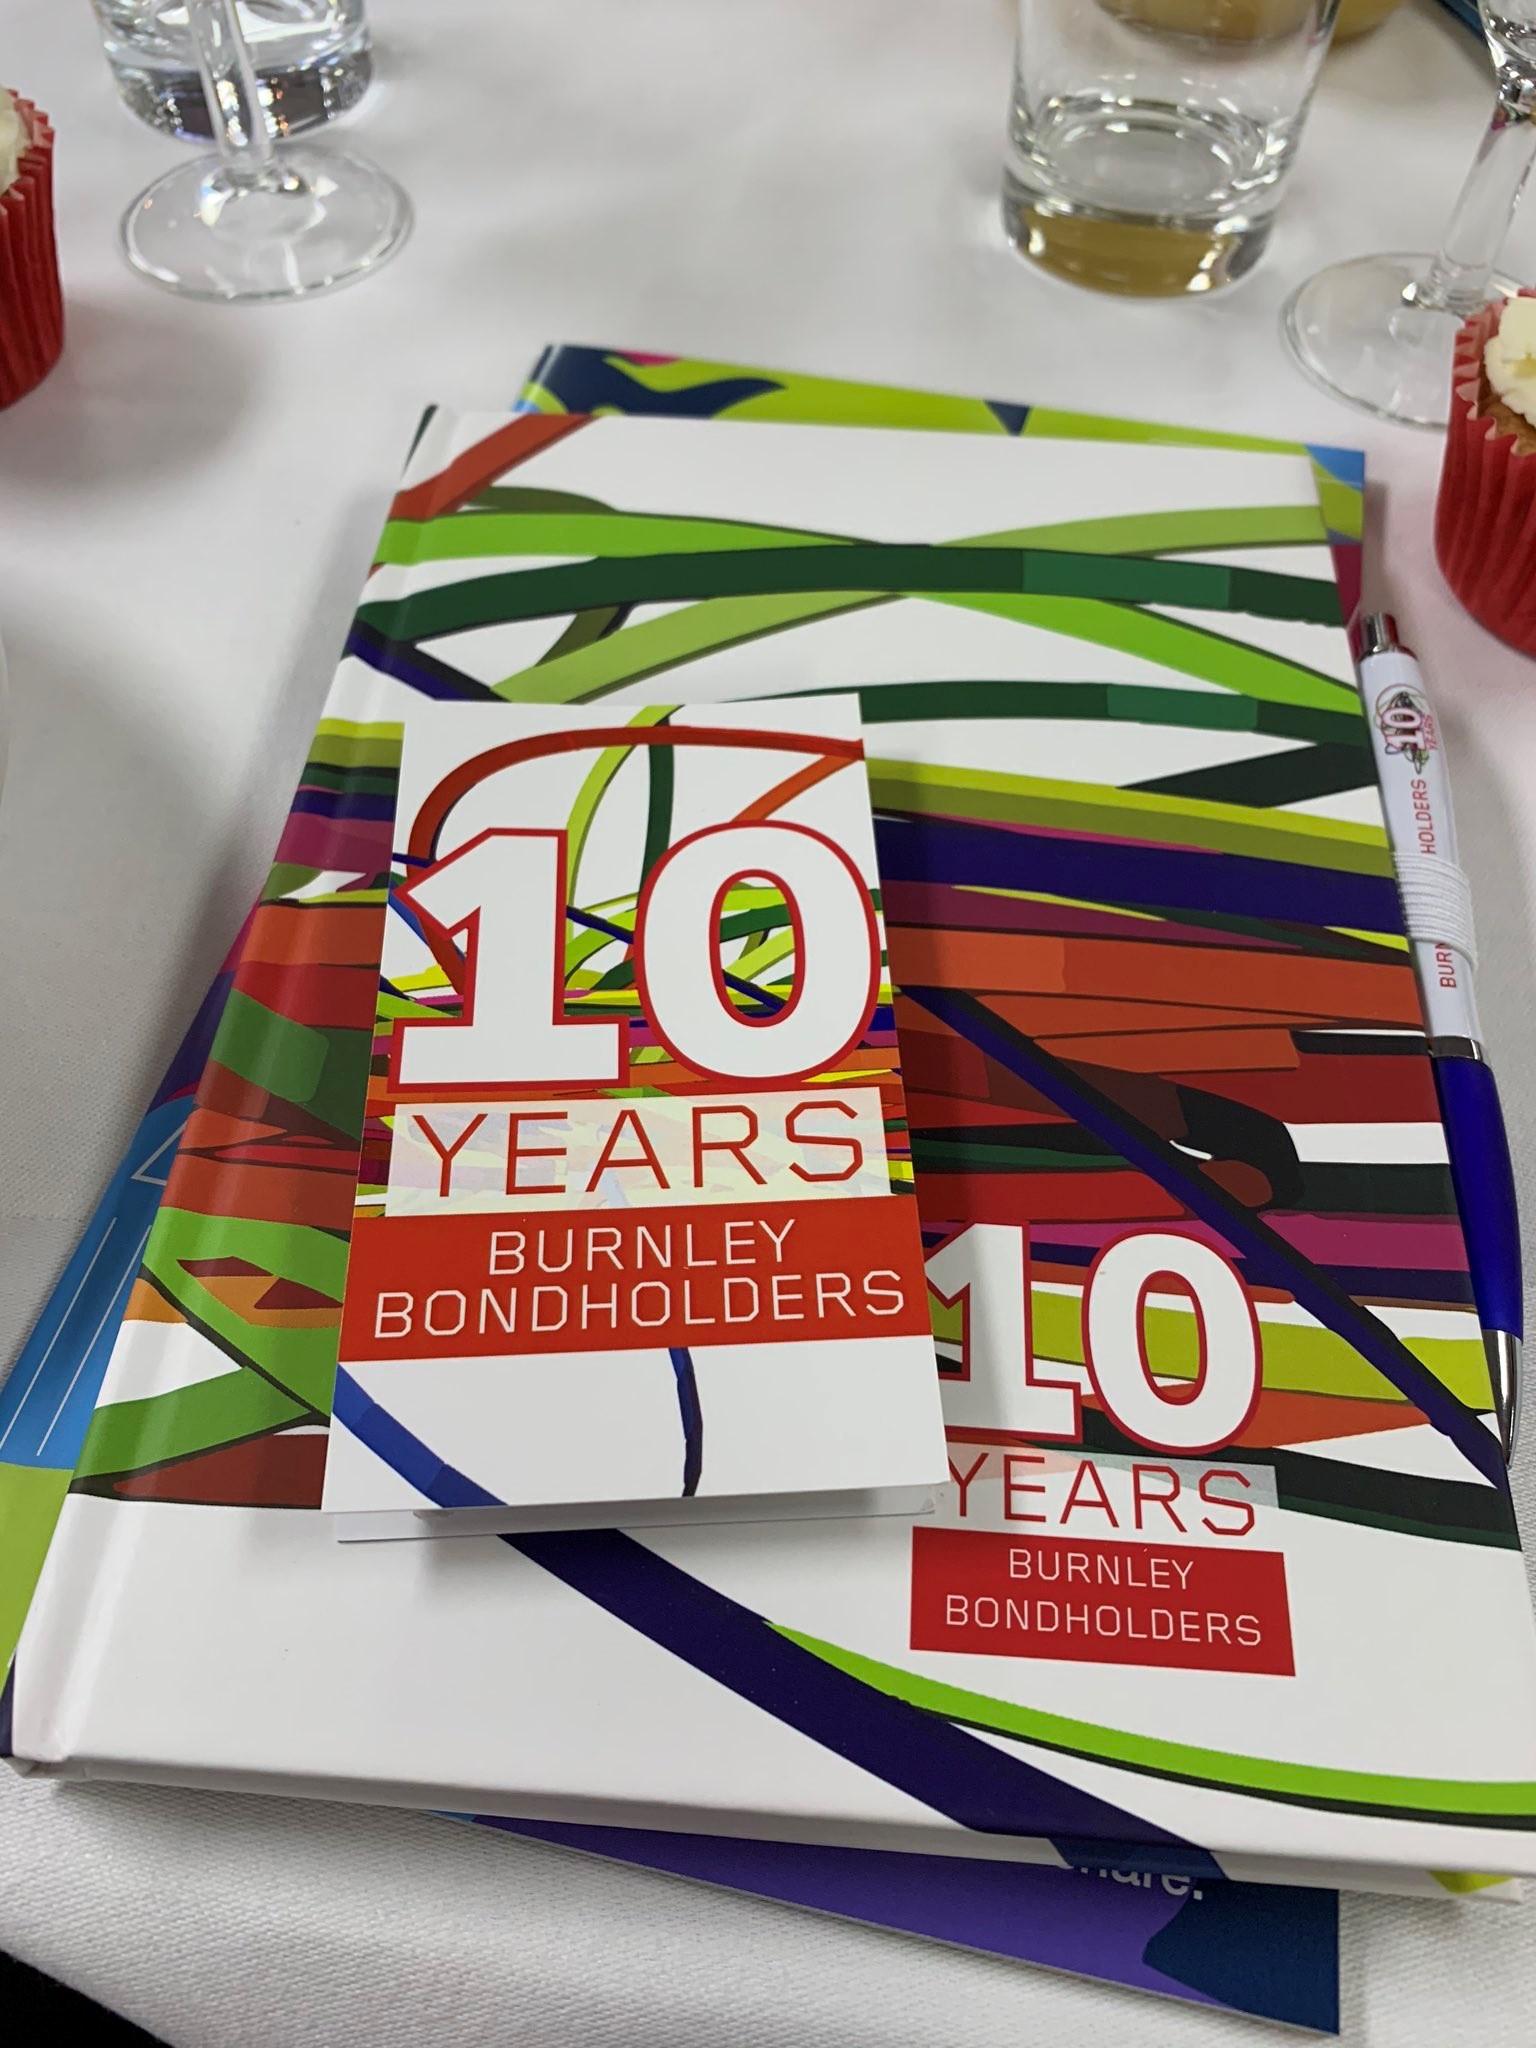 Burnley Bondholders 10 Years